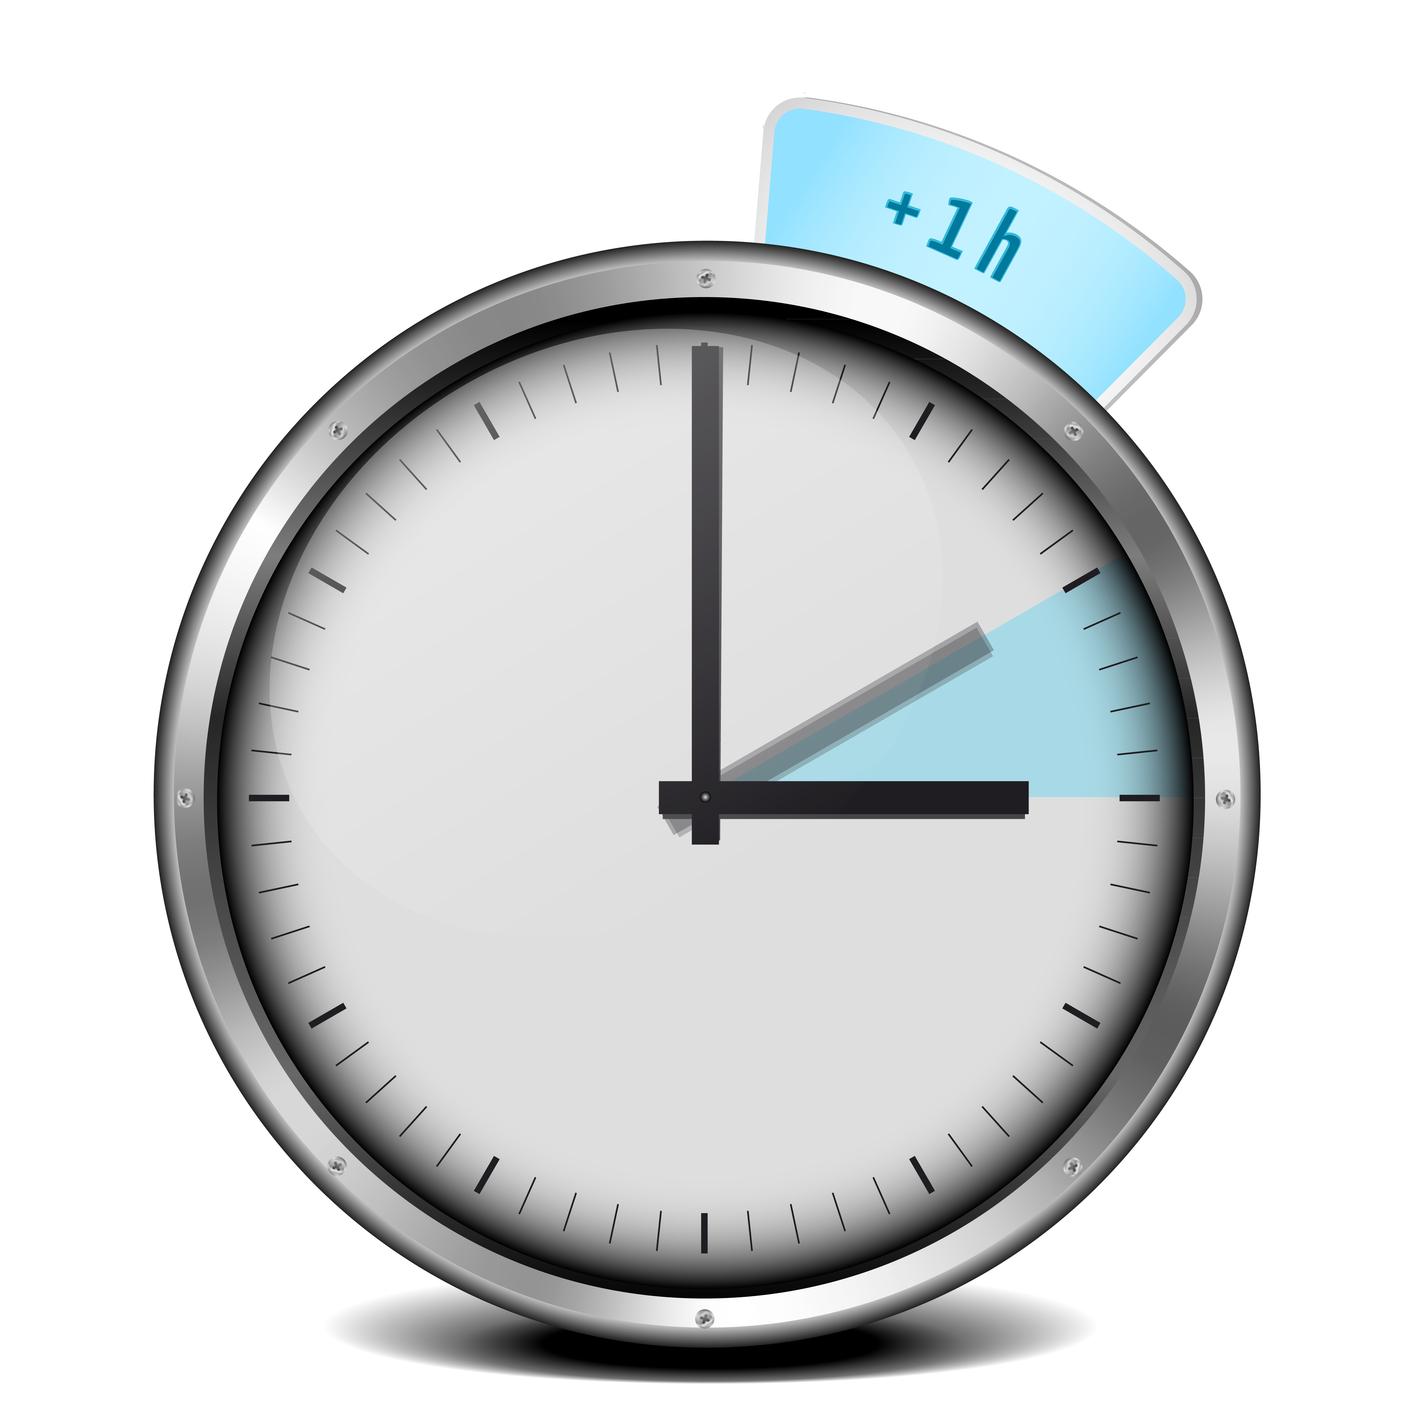 Когда переводят часы на летнее время?